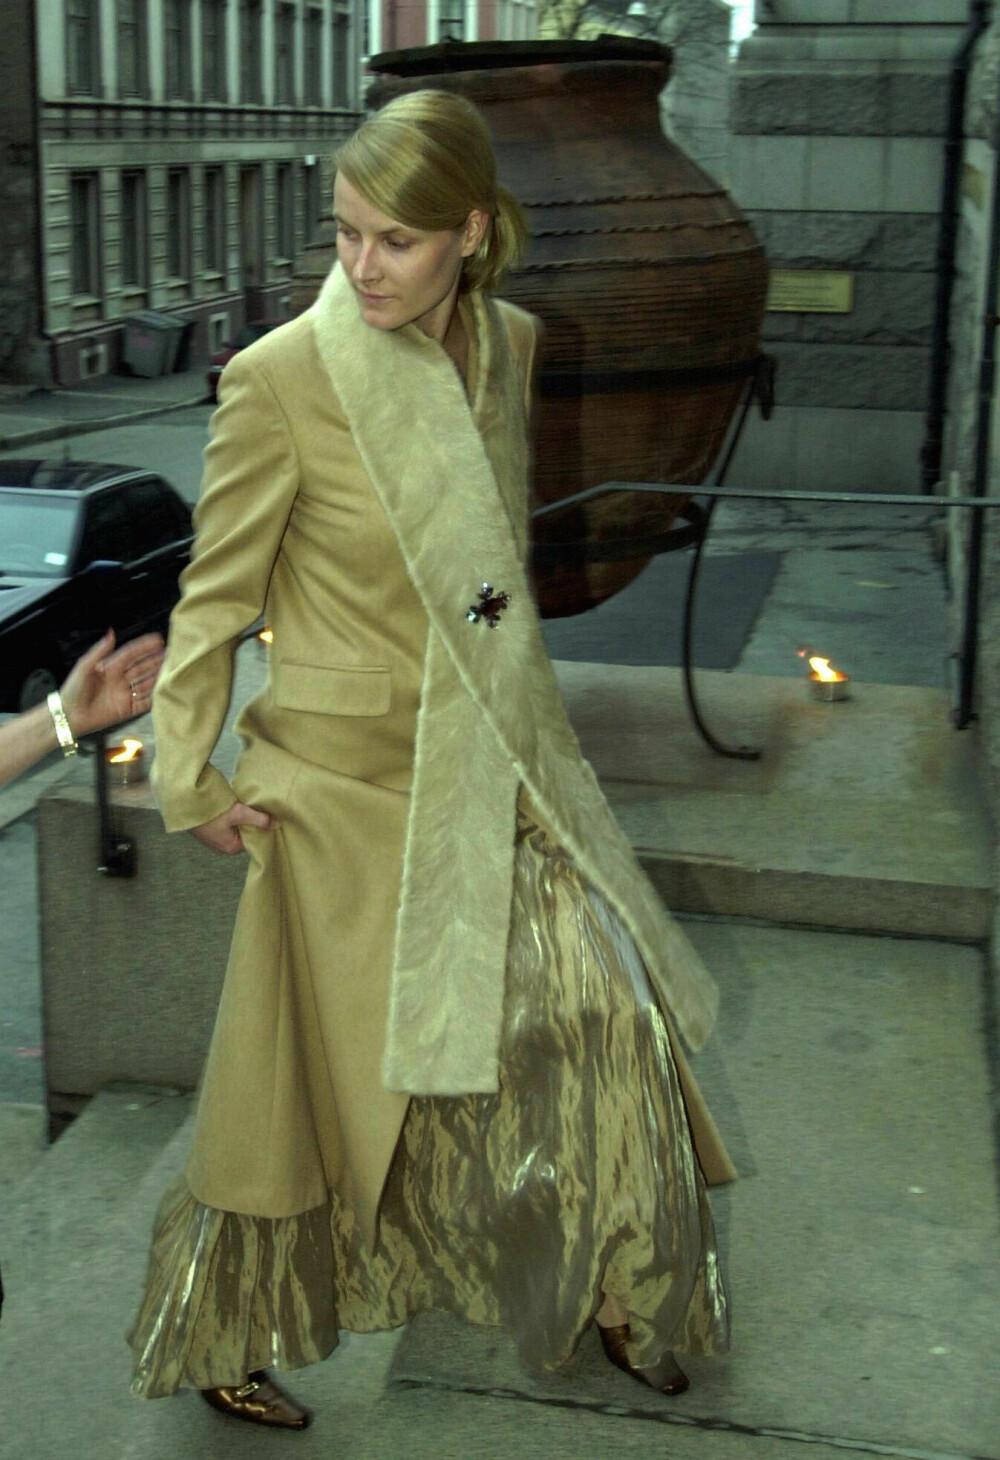 GYLLEN DAME: Da Kunstindustrimuseet i Oslo feiret 125-årsjubileum i 2000, dukket Mette-Marit opp i en gyllen kjole med tilhørende kåpe og ekstra langt skjerf.